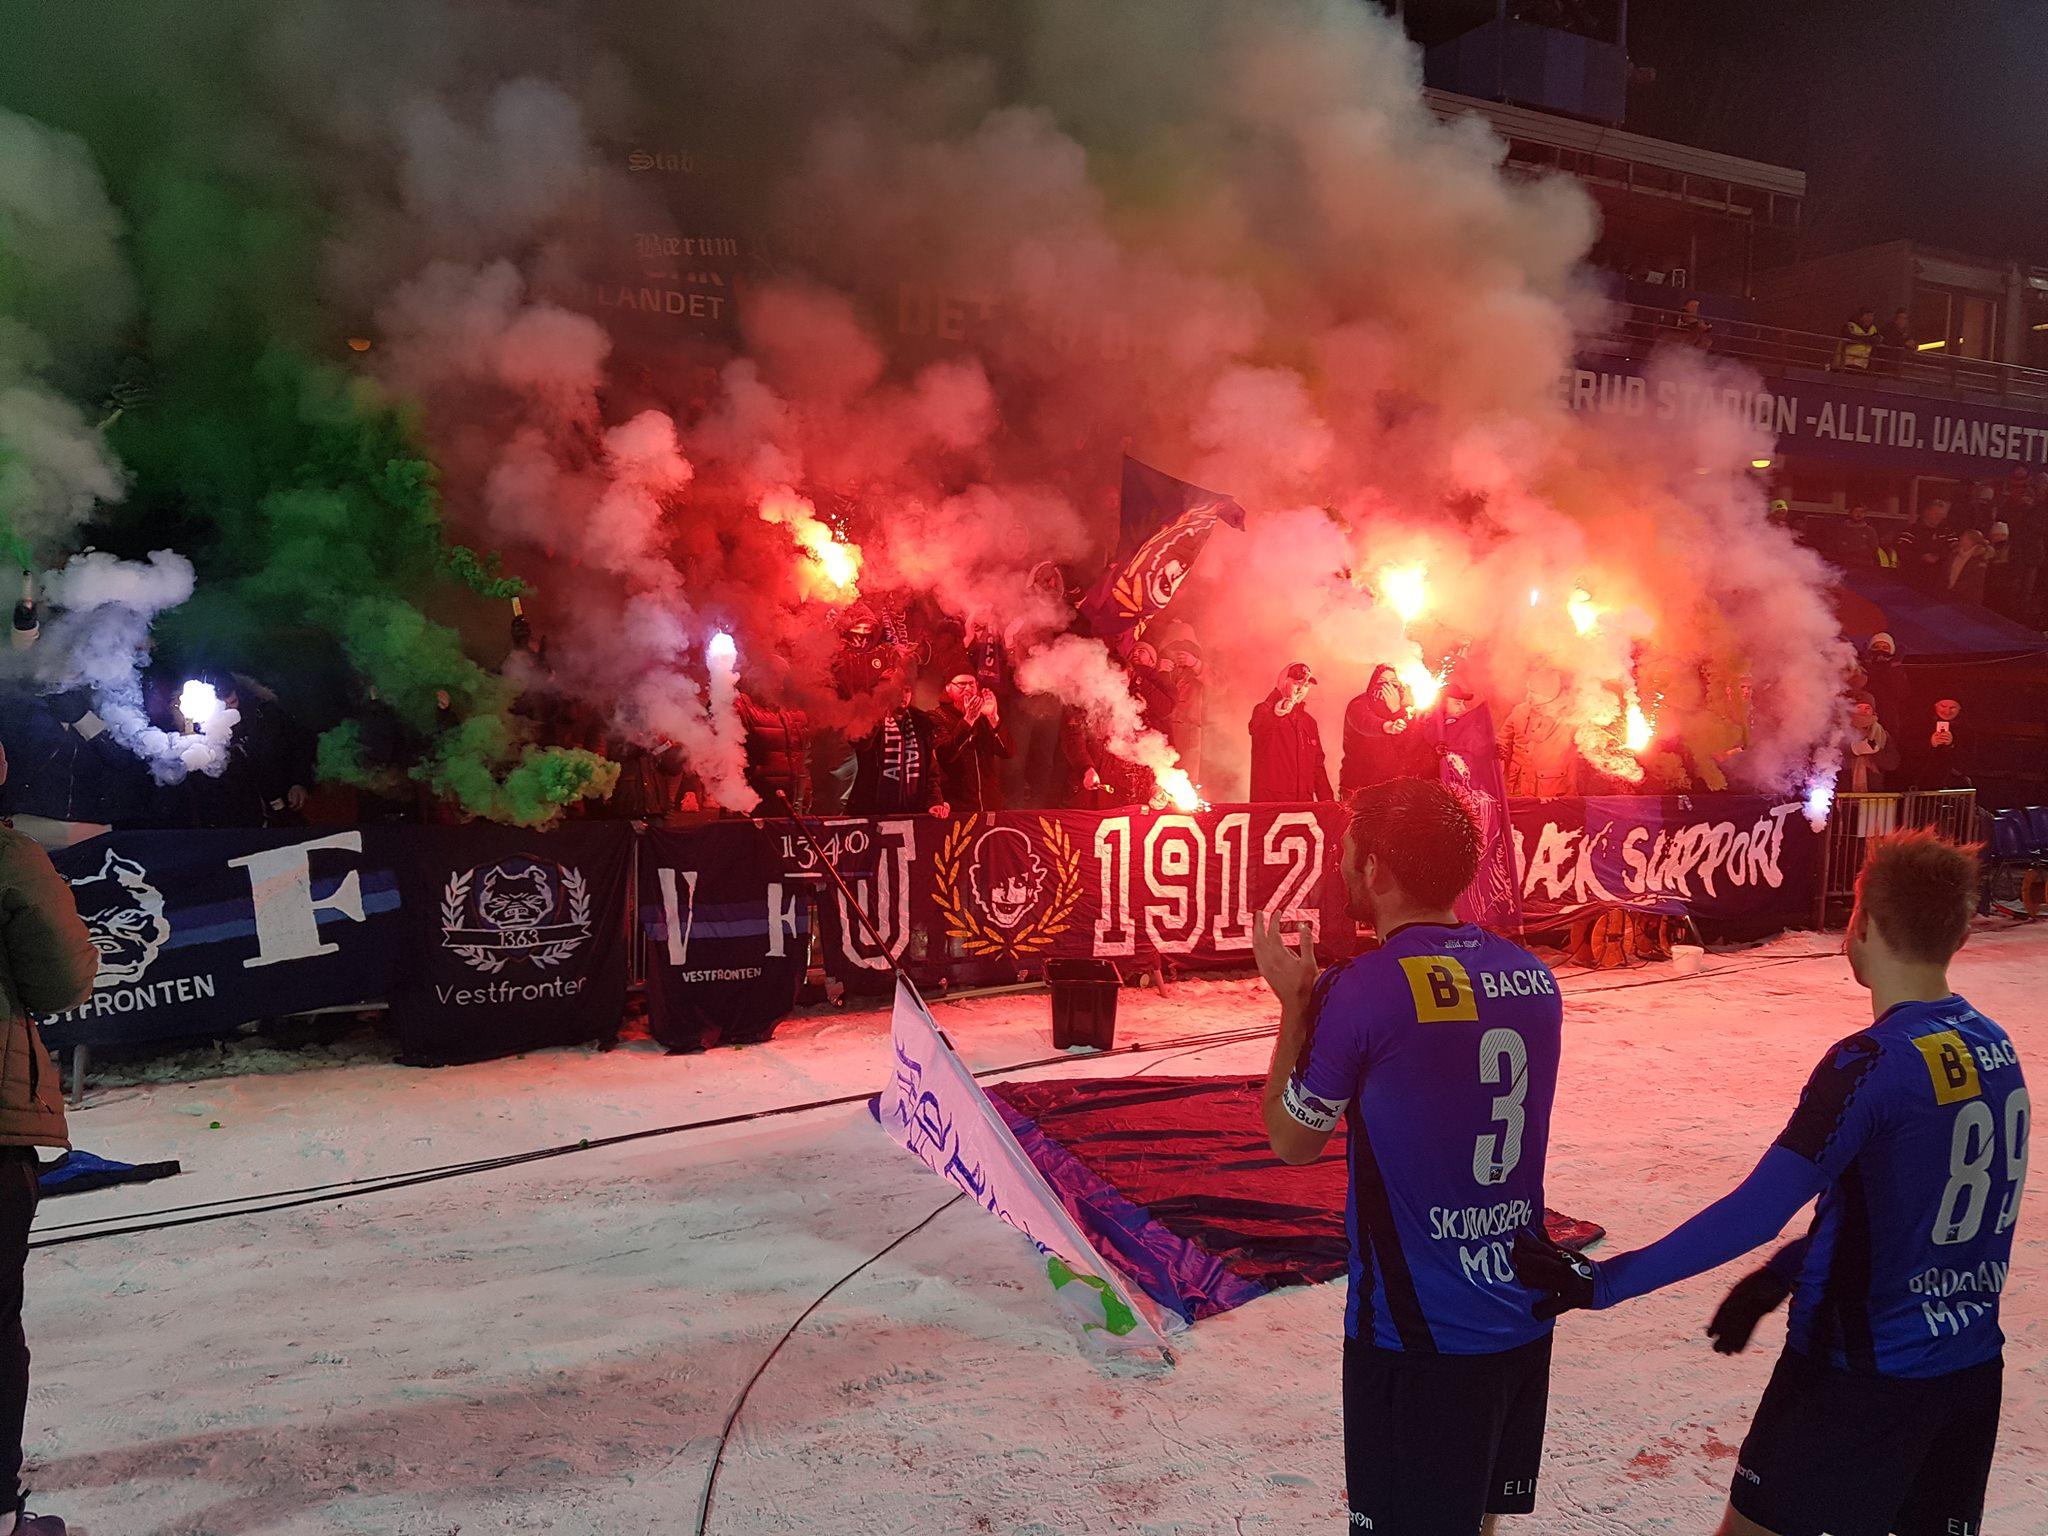 NFF og UEFA-rapport brukte bilder av sprengningsskader, Athen-derby og rørbomber for å skremme klubbene